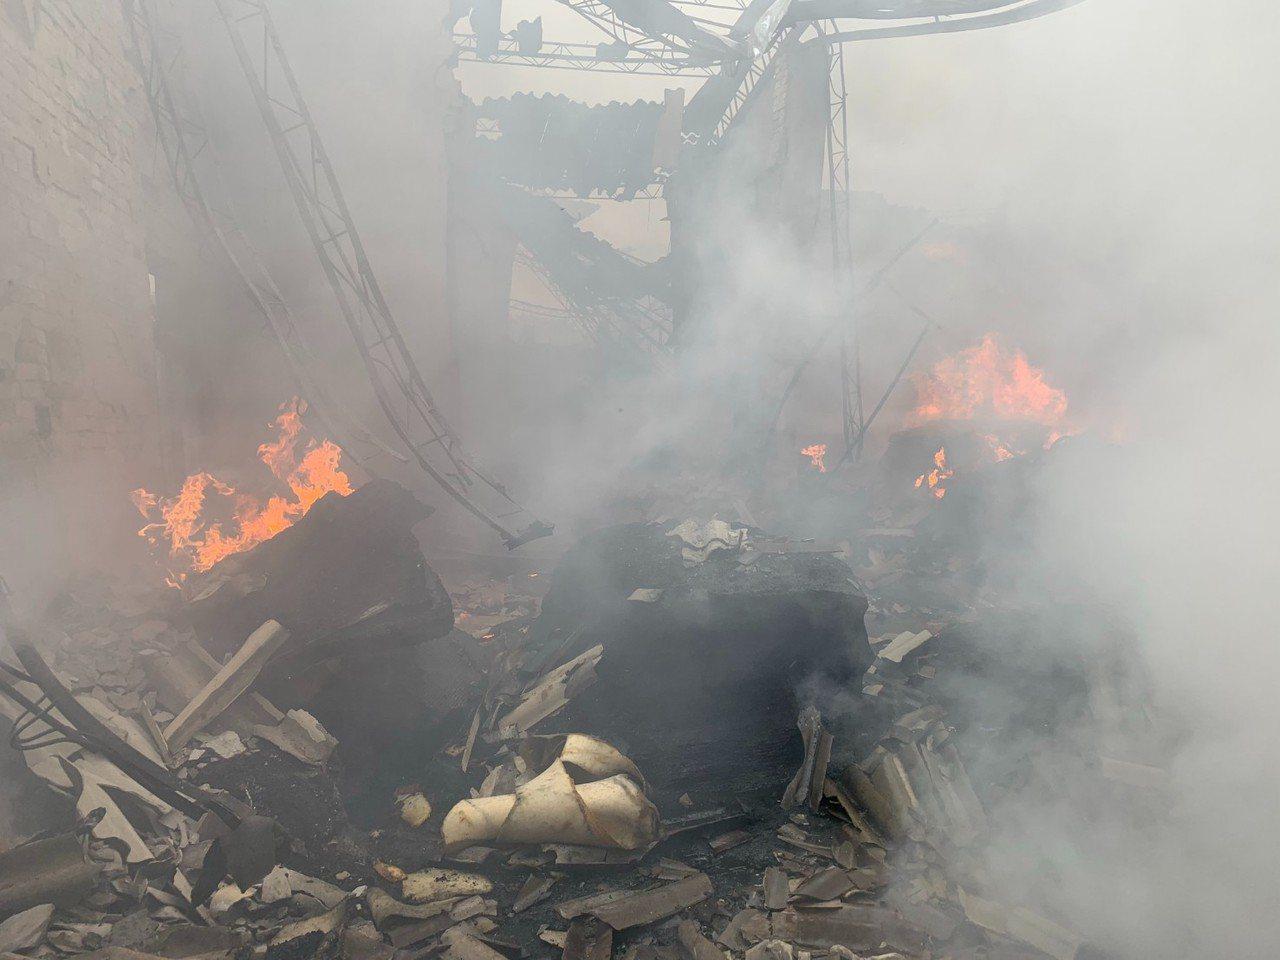 清水泡棉工廠大火 燒毀300坪工廠損失20萬元